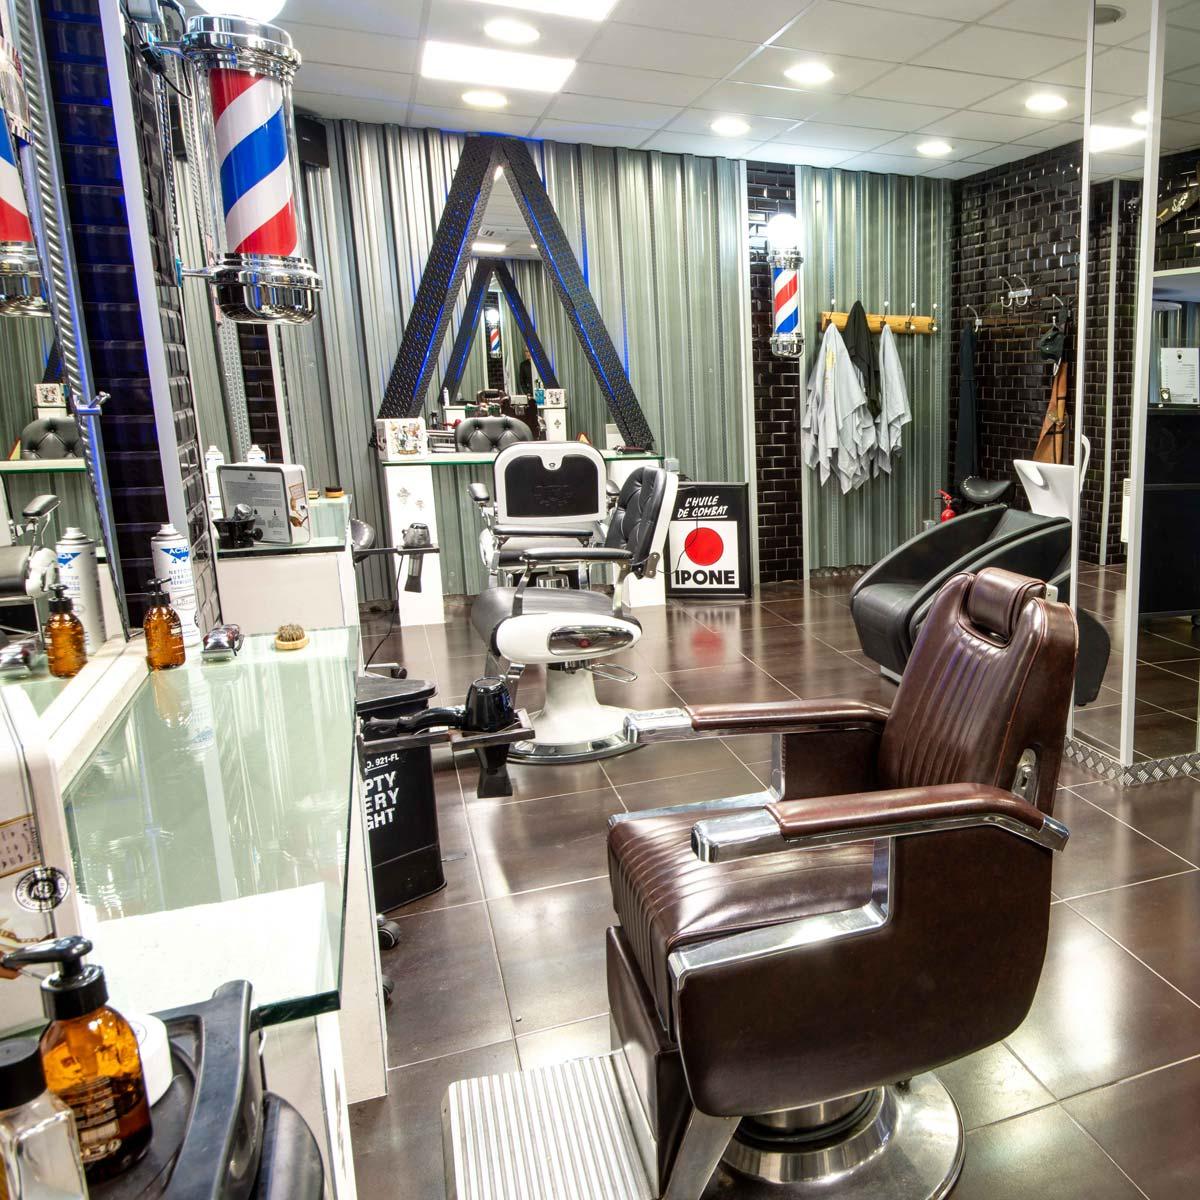 salon-de-coiffure-franchise-groupe-ppd-nouvel-hair-lhomme-02